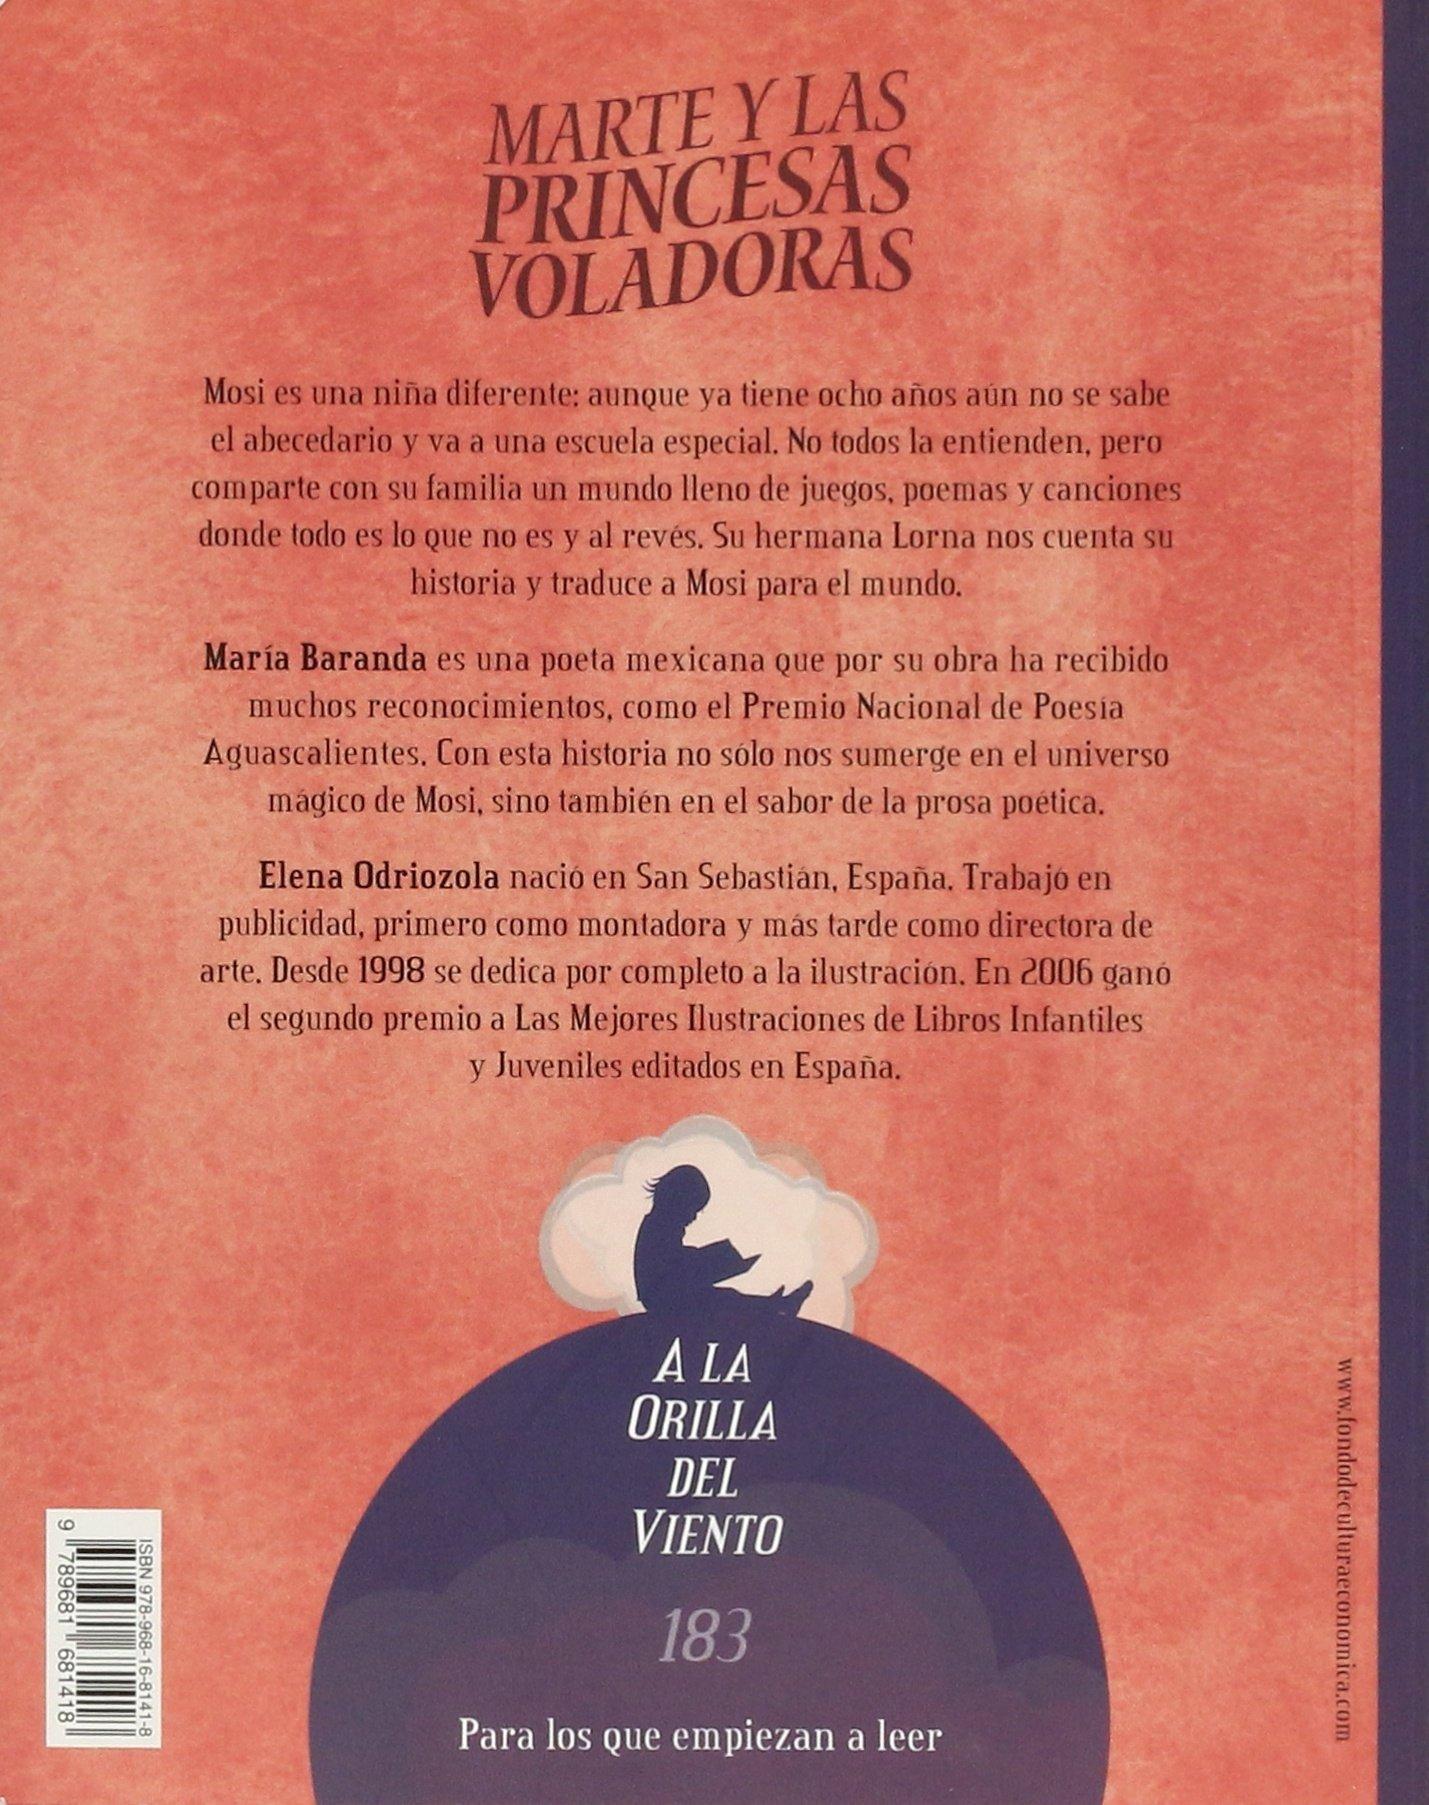 MARTE Y LAS PRINCESAS VOLADORAS A La Orilla Del Viento: Amazon.es: Maria Baranda: Libros